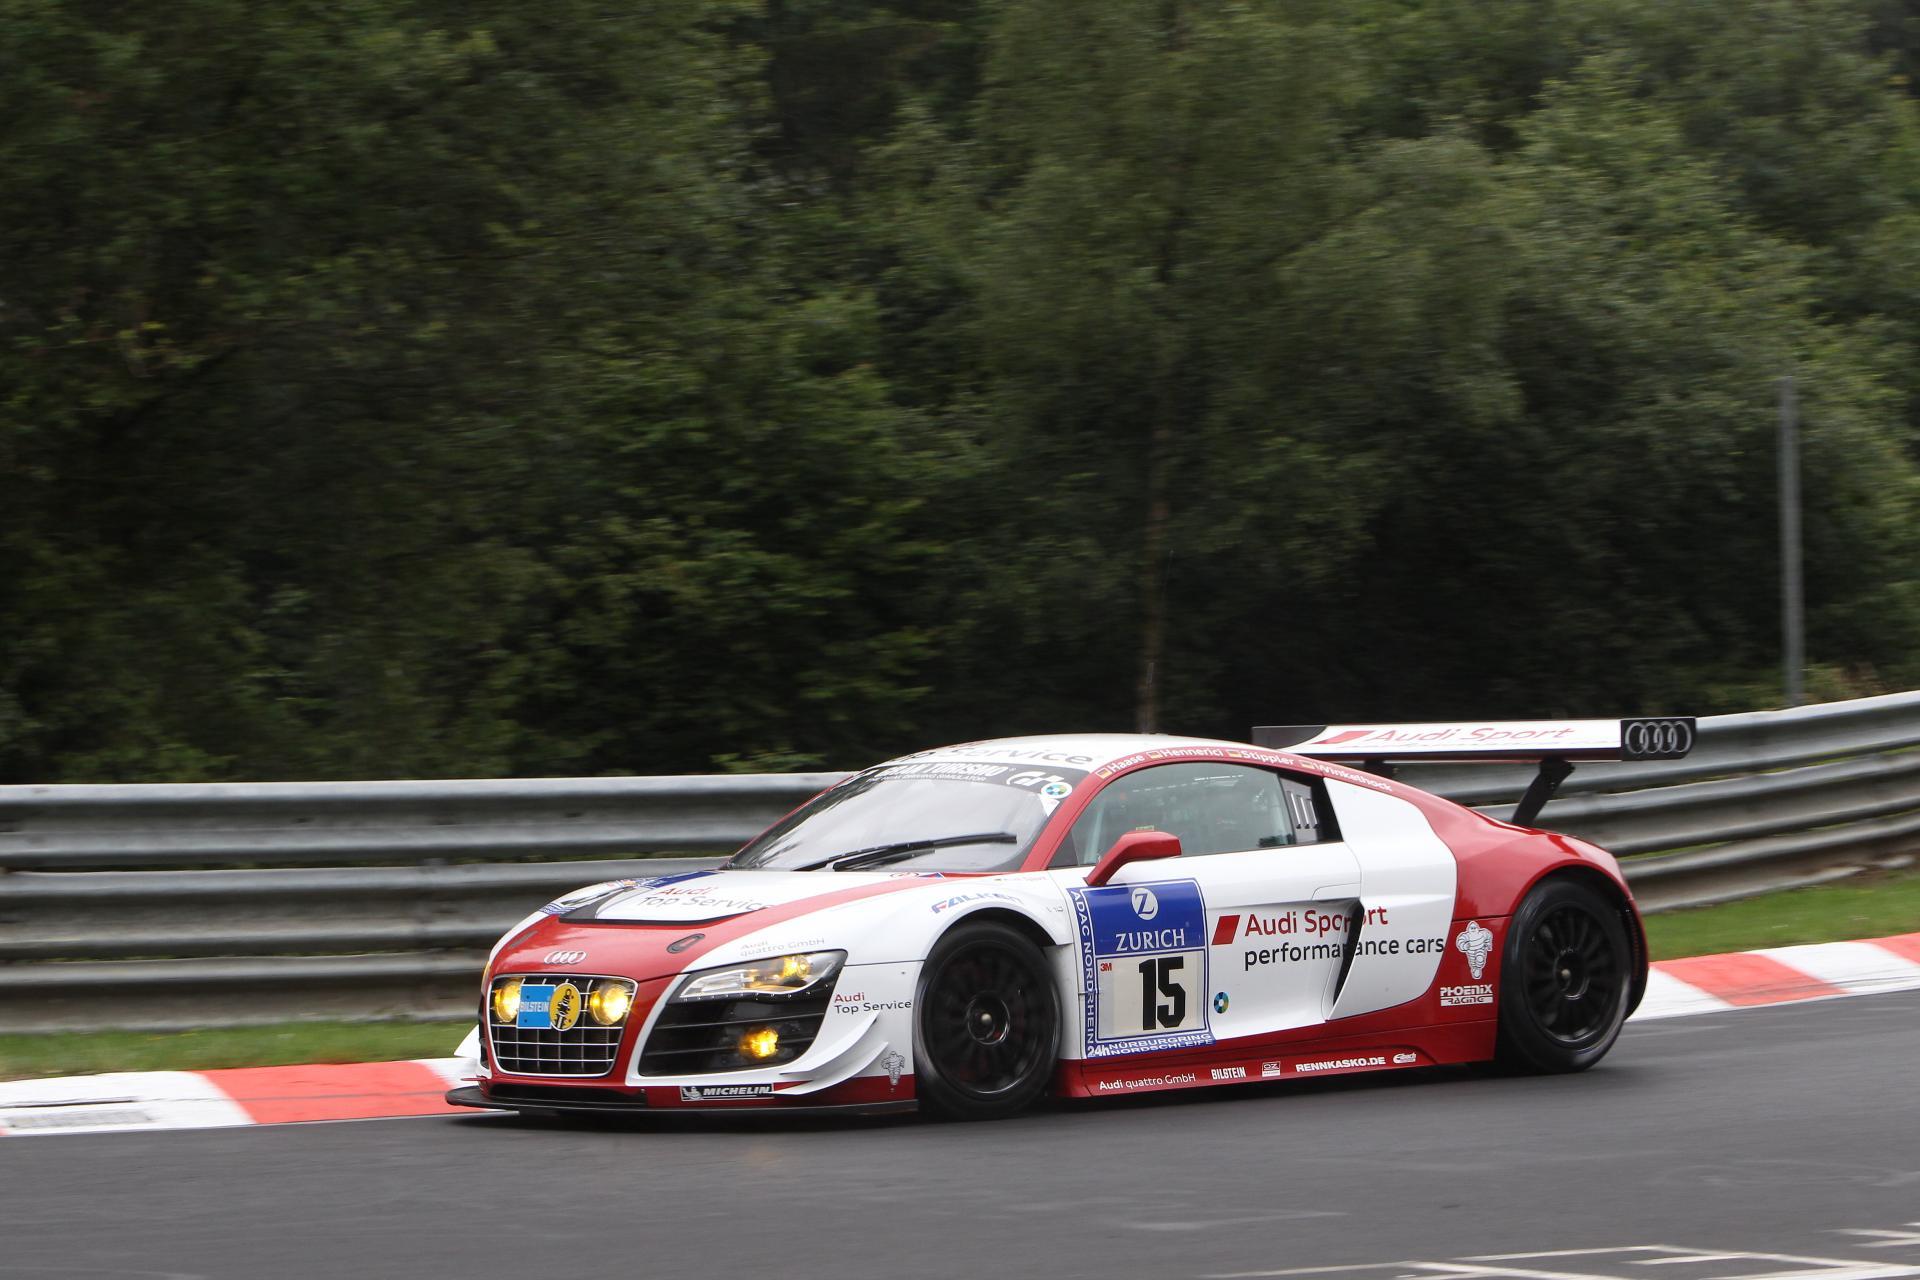 Kelebihan Kekurangan Audi R8 Gt3 Review